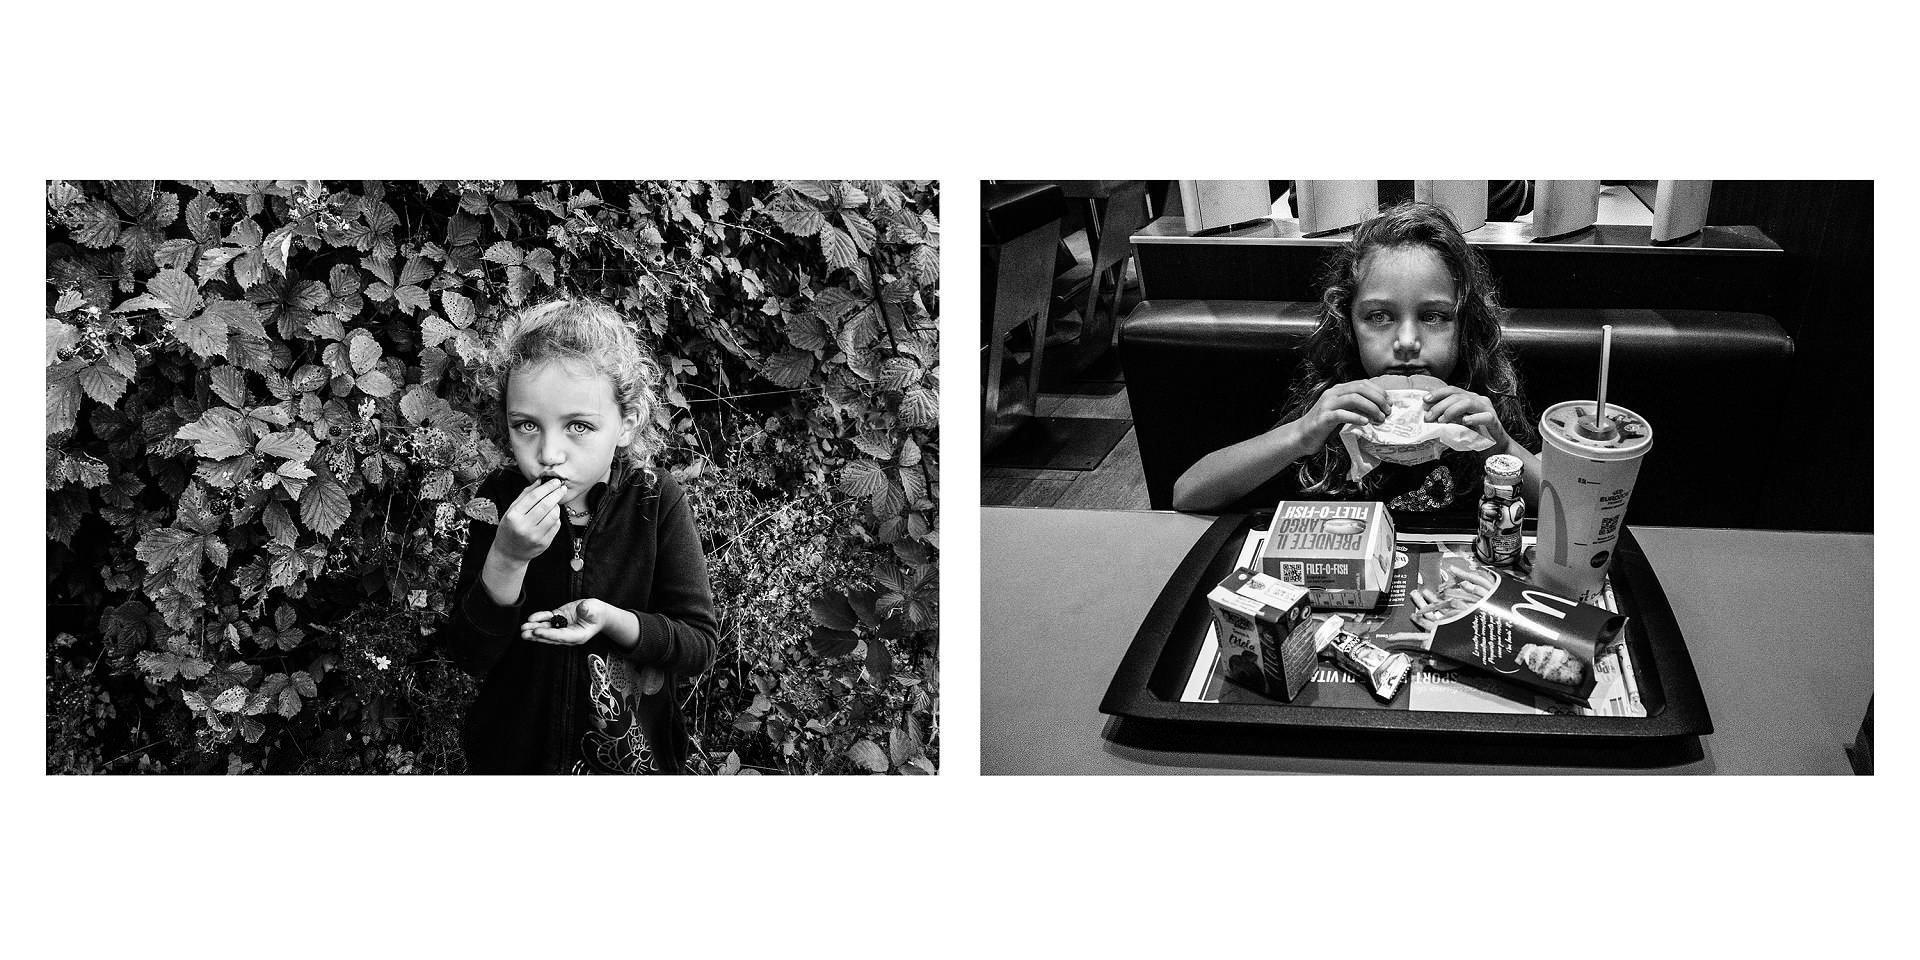 Лучшие снимки фотоконкурса ZEISS Photography Awards 2018 искусство, красота, лучшие фото, лучшие фотографии, победители конкурса, фотоконкурс, фотоконкурсы, художественная фотография